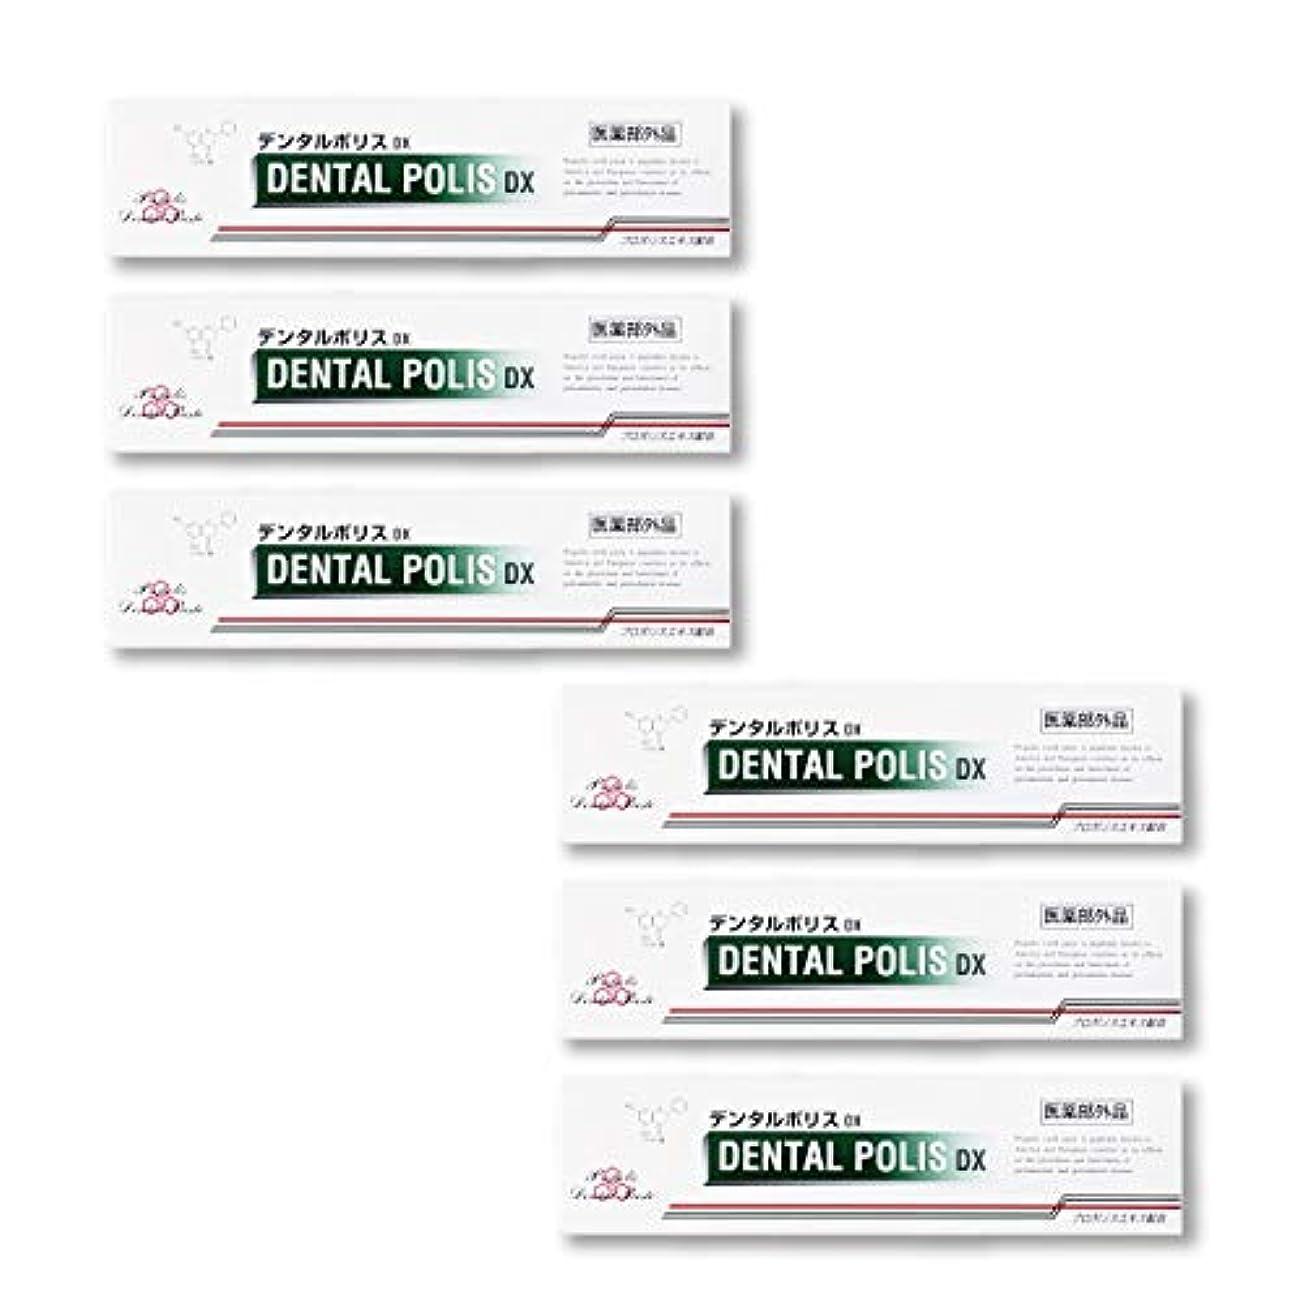 賭け完全に乾く繁雑デンタルポリスDX 80g お得な5個+1個セット 【医薬部外品】